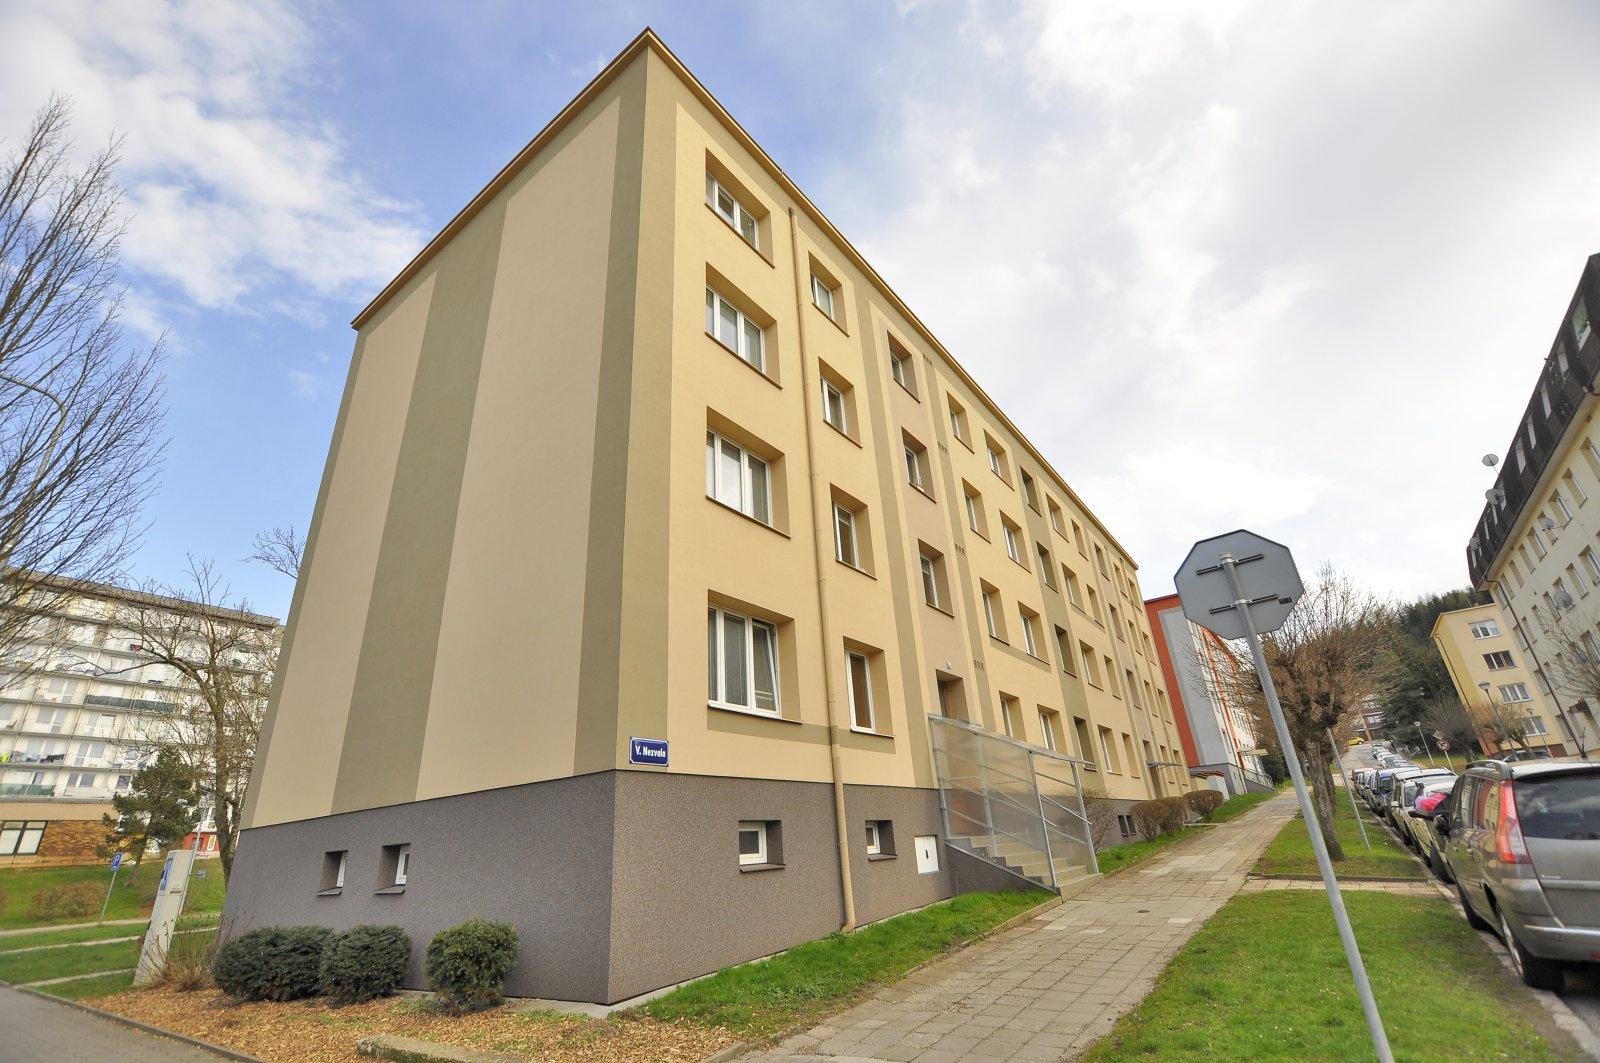 Rezervováno: Zděný byt 3+1, OV, po částečné rekonstrukci, Kryblice - V. Nezvala